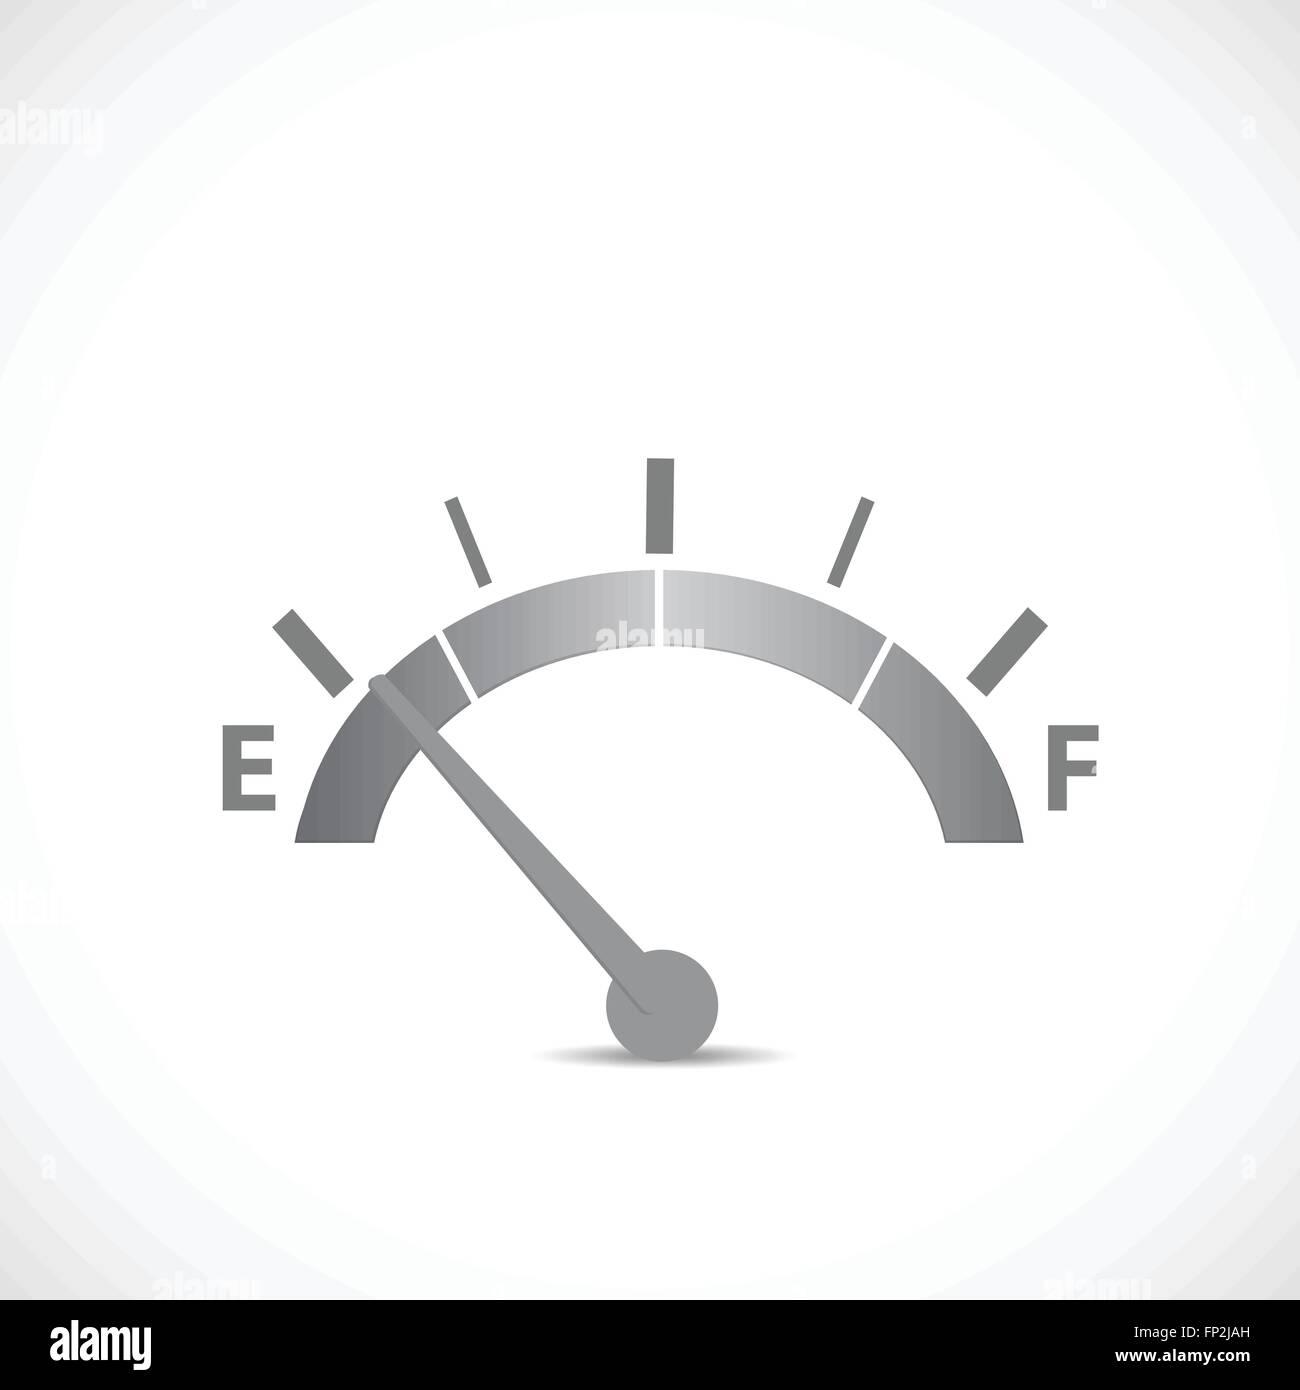 Illustrazione di un gase gage silhouette isolato su uno sfondo bianco. Immagini Stock